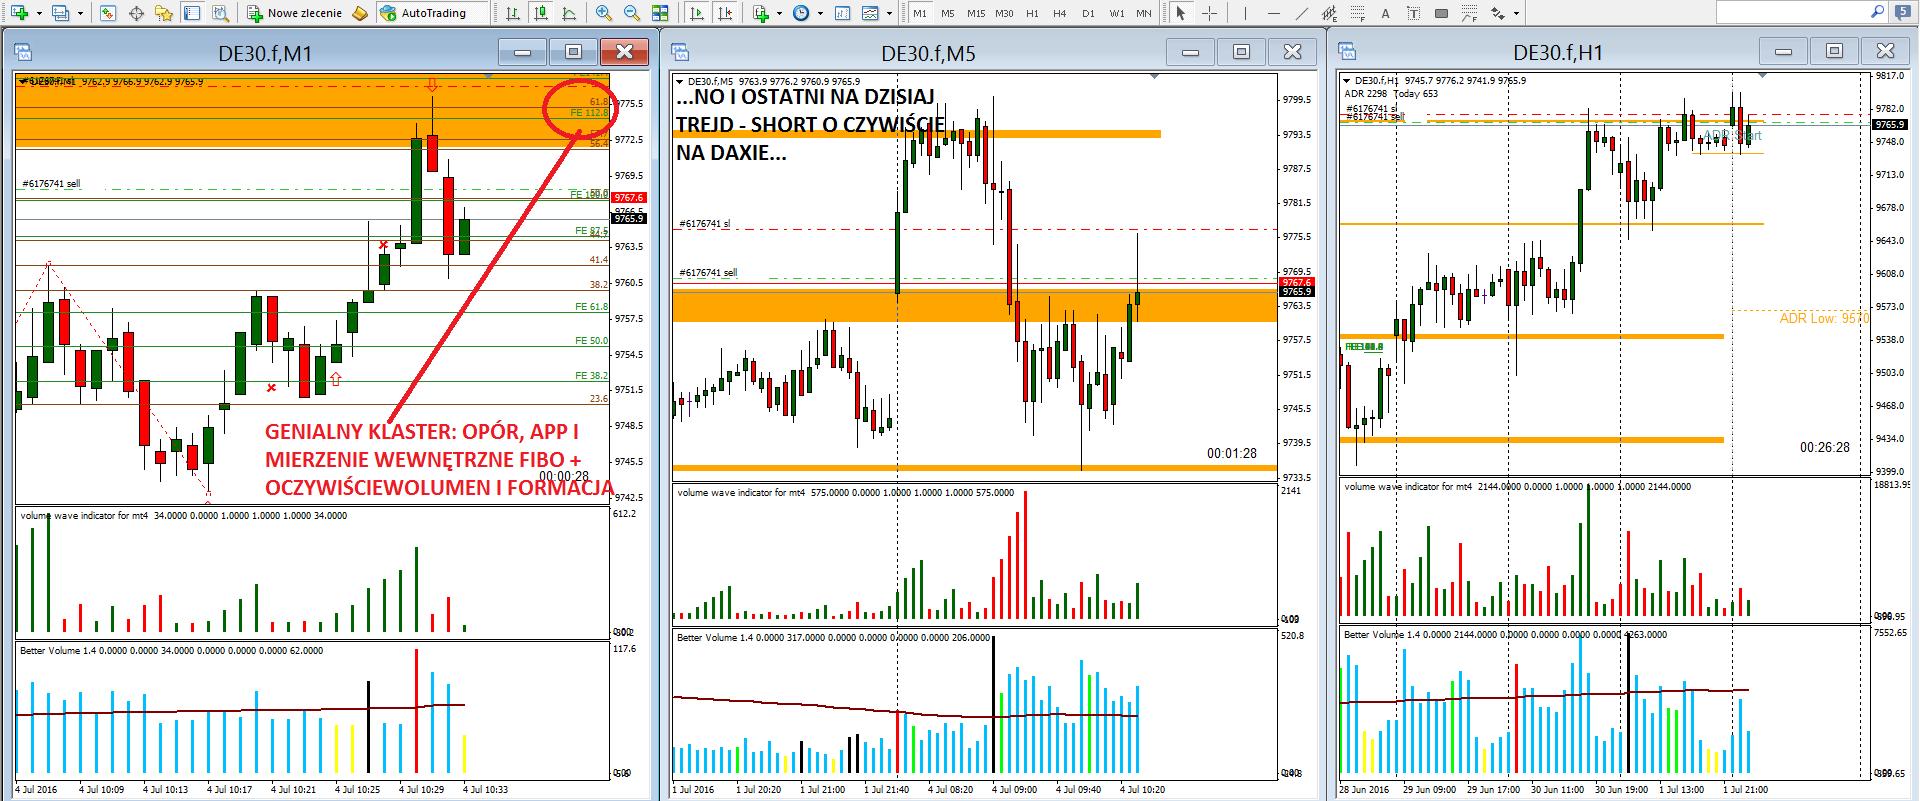 13-forex-skuteczna strategia-myforex-trader-trading-waluty-dax-prosta strategia tradingowa-broker-sukces-wolumen-vsa-świec japońskie-formacje świecowe-poziomy fibo-scalping